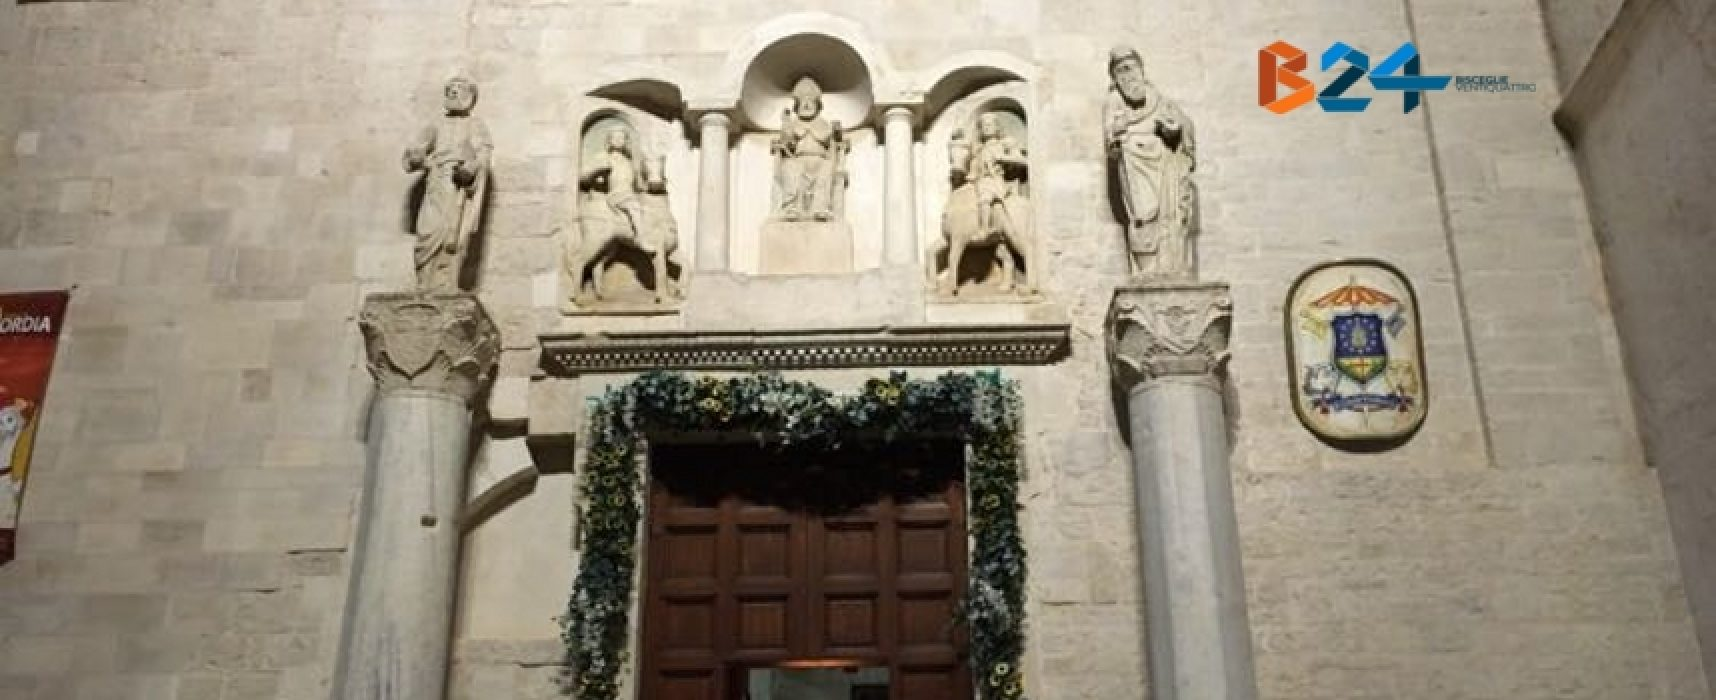 La seconda inventio delle reliquie dei santi, stasera in cattedrale celebrazione eucaristica